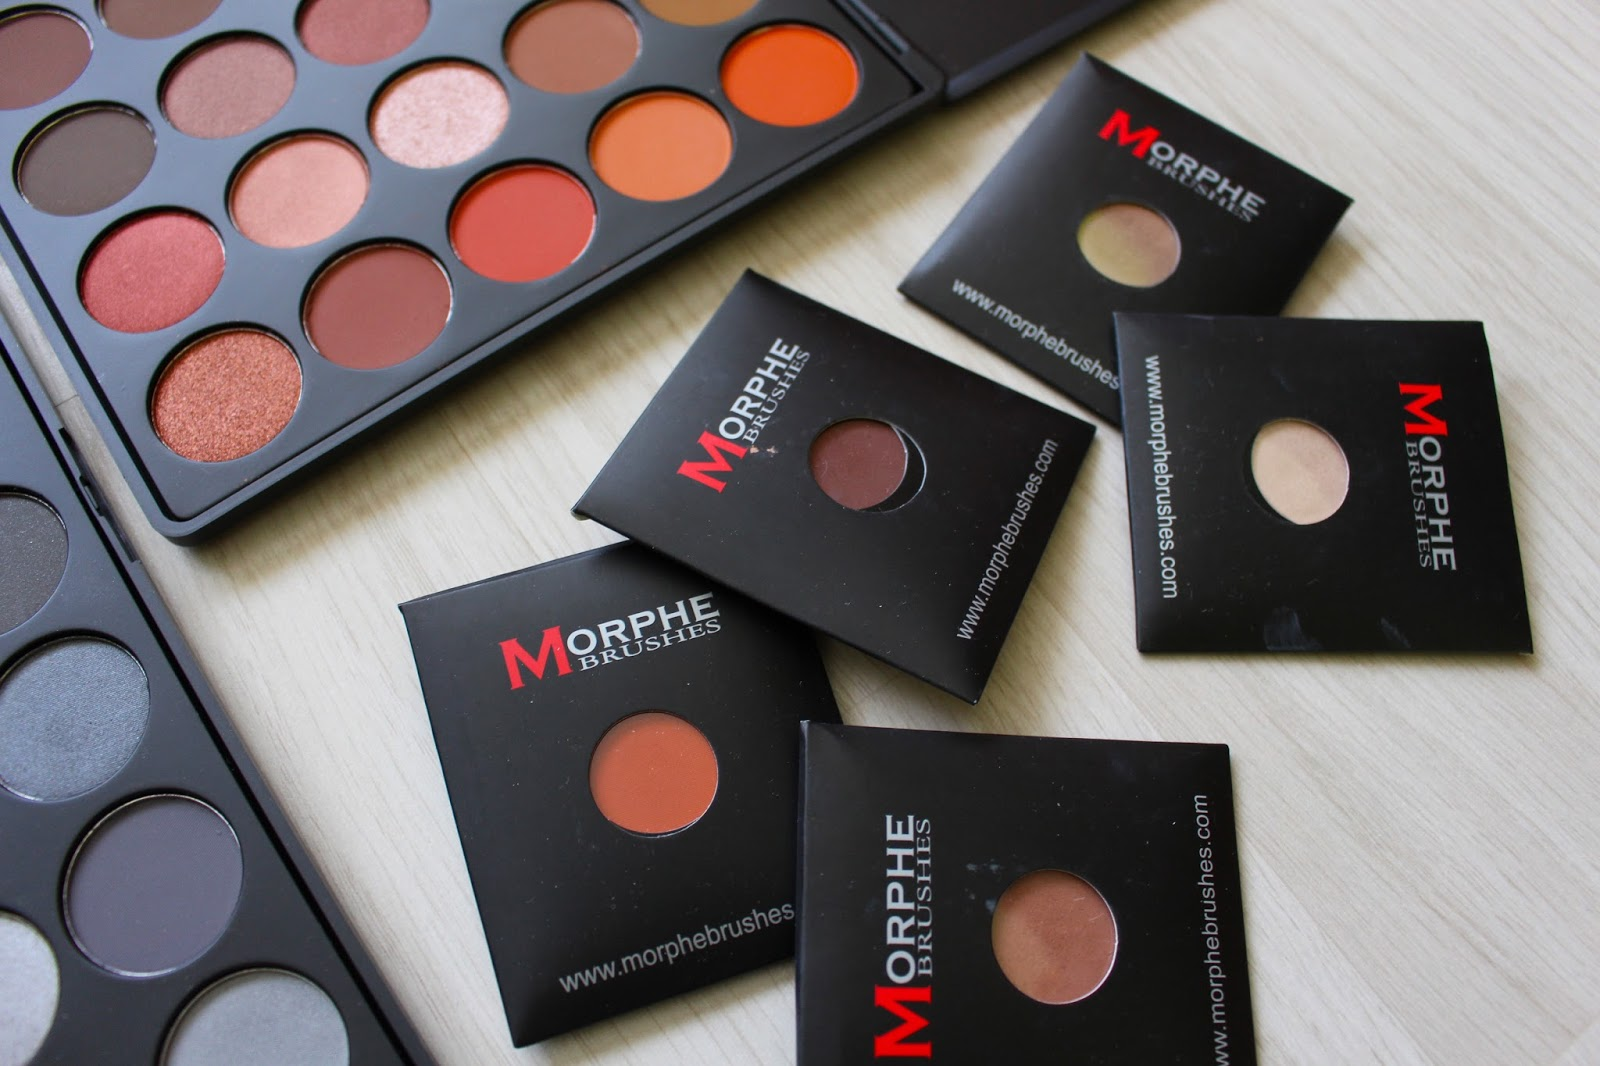 morphe brushes single eyeshadows